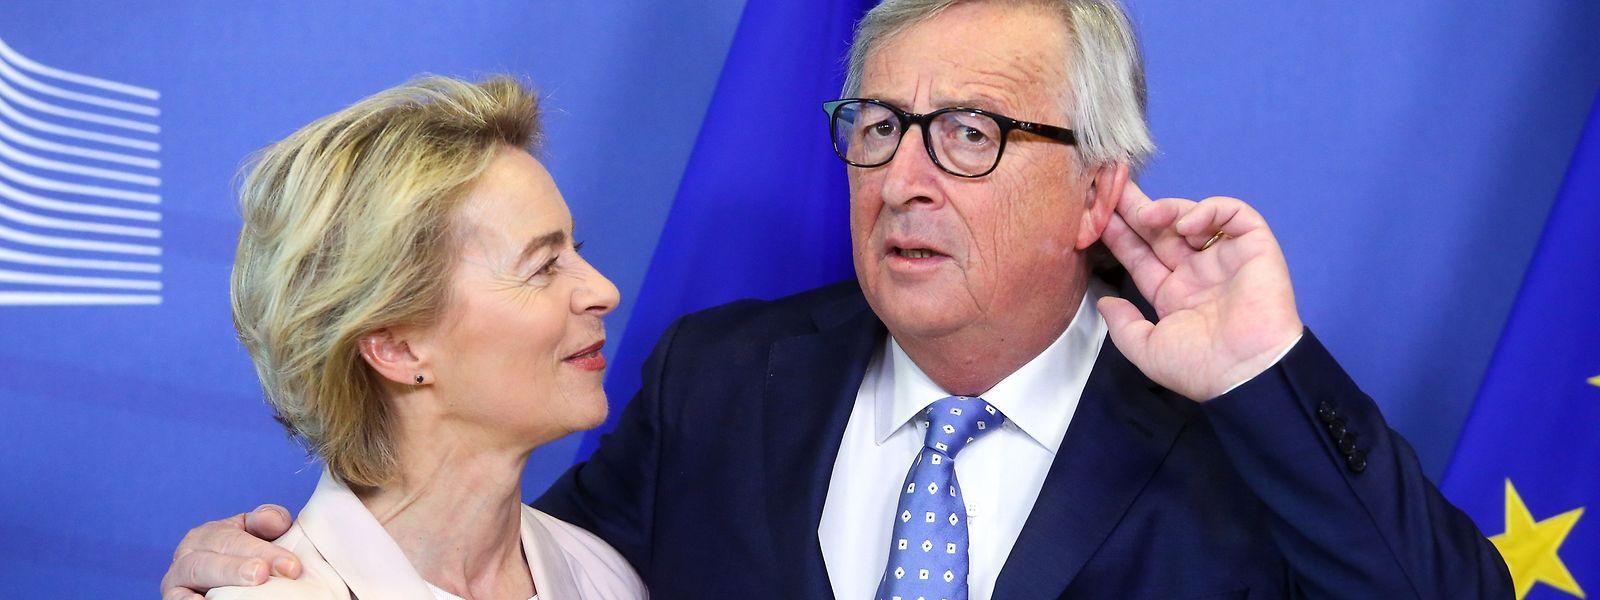 Jean-Claude Juncker übergibt am Sonntag sein Amt an Ursula von der Leyen.